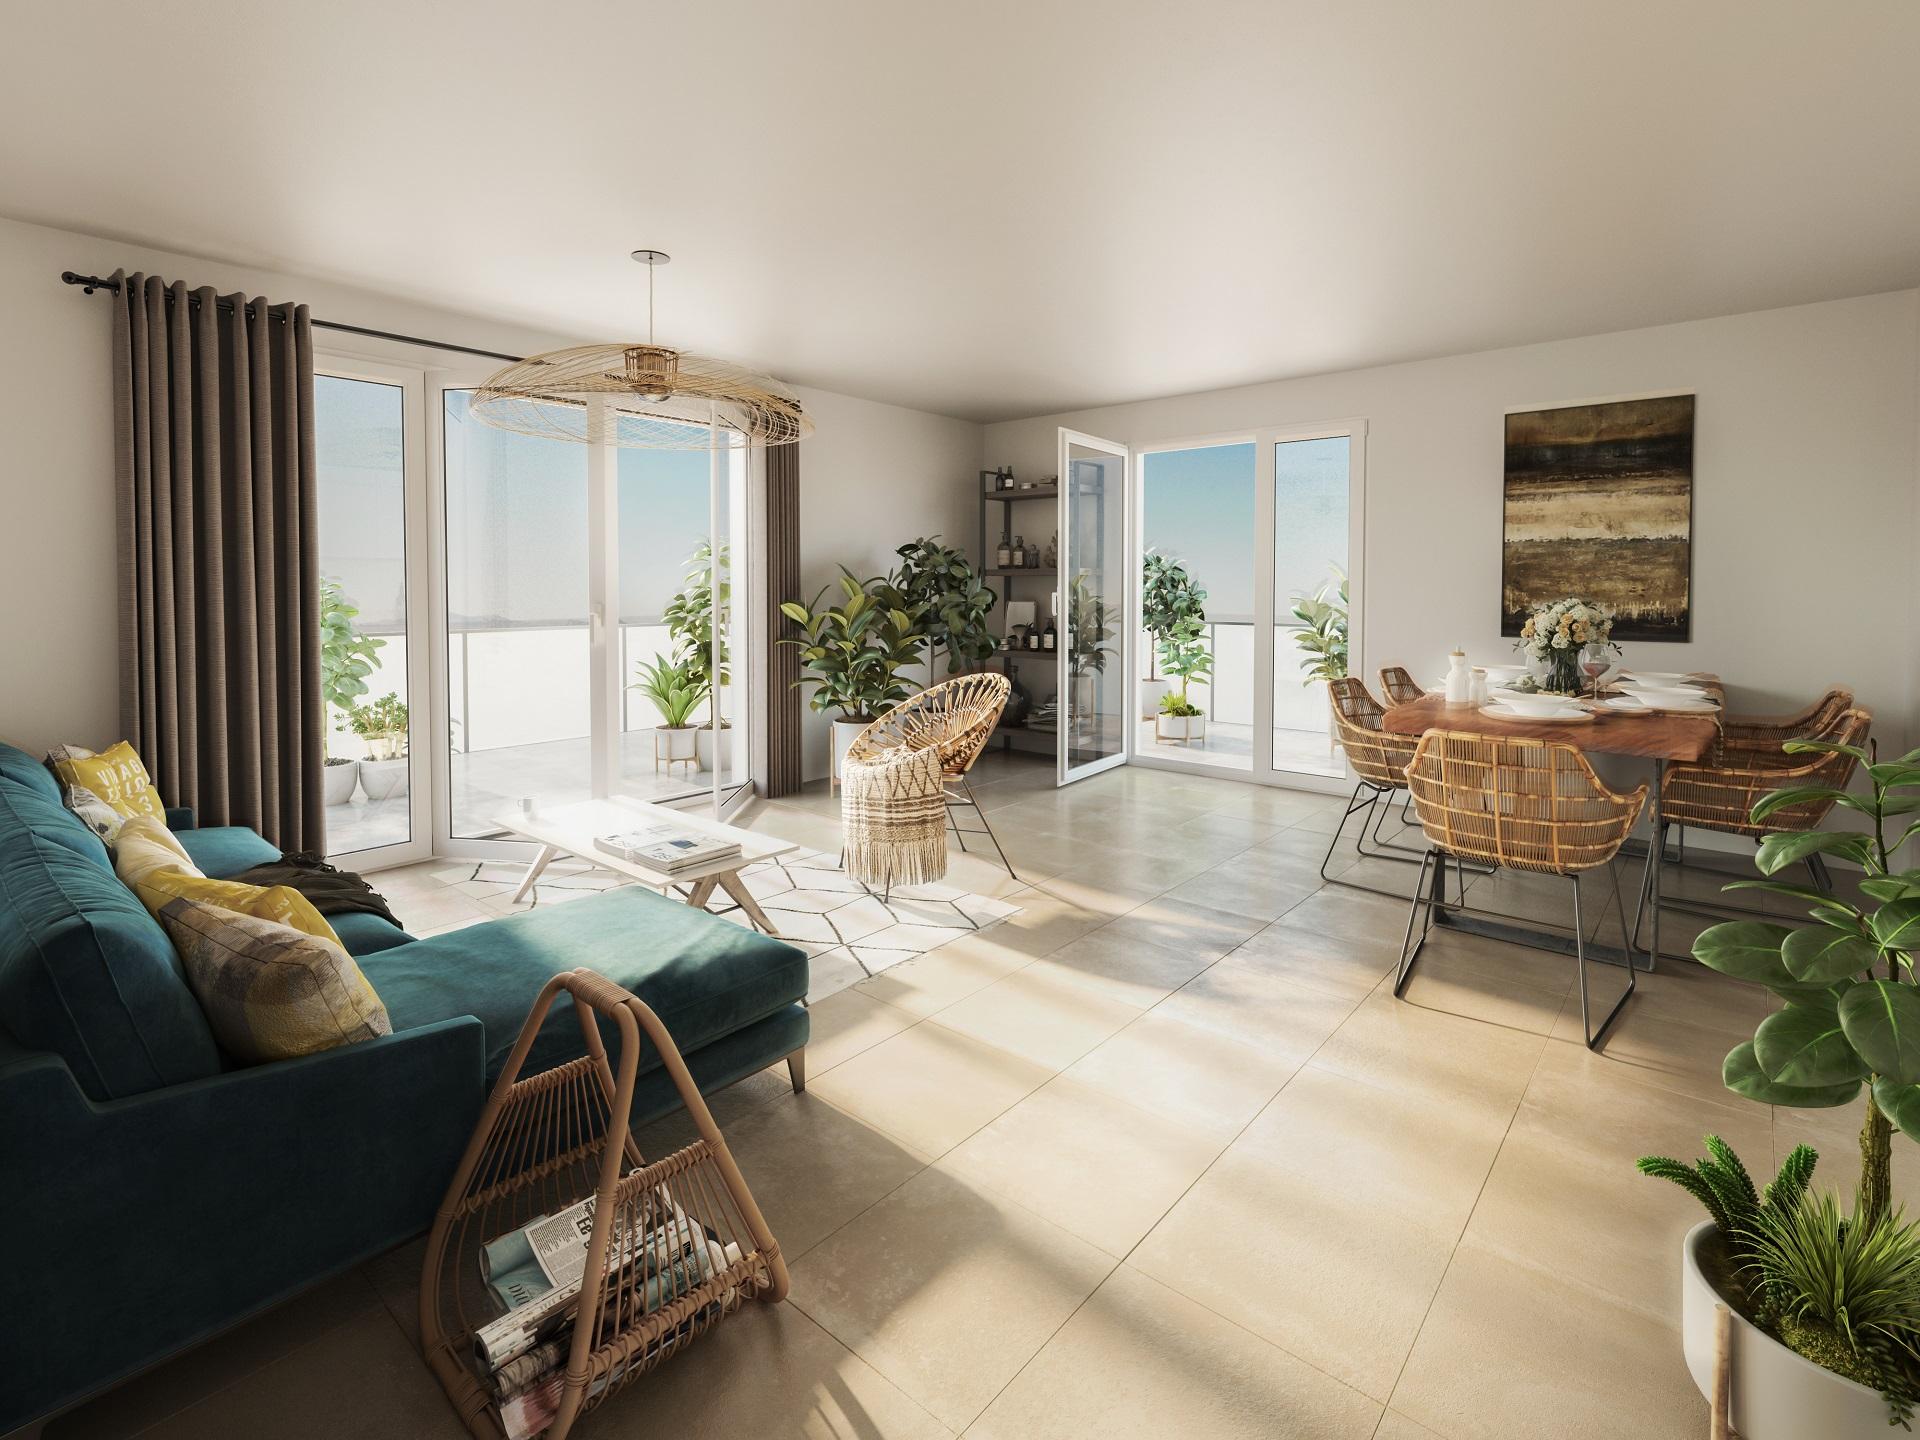 Programme immobilier BOW20 appartement à Saint-Genis-Pouilly (01630) Quartier Porte de France